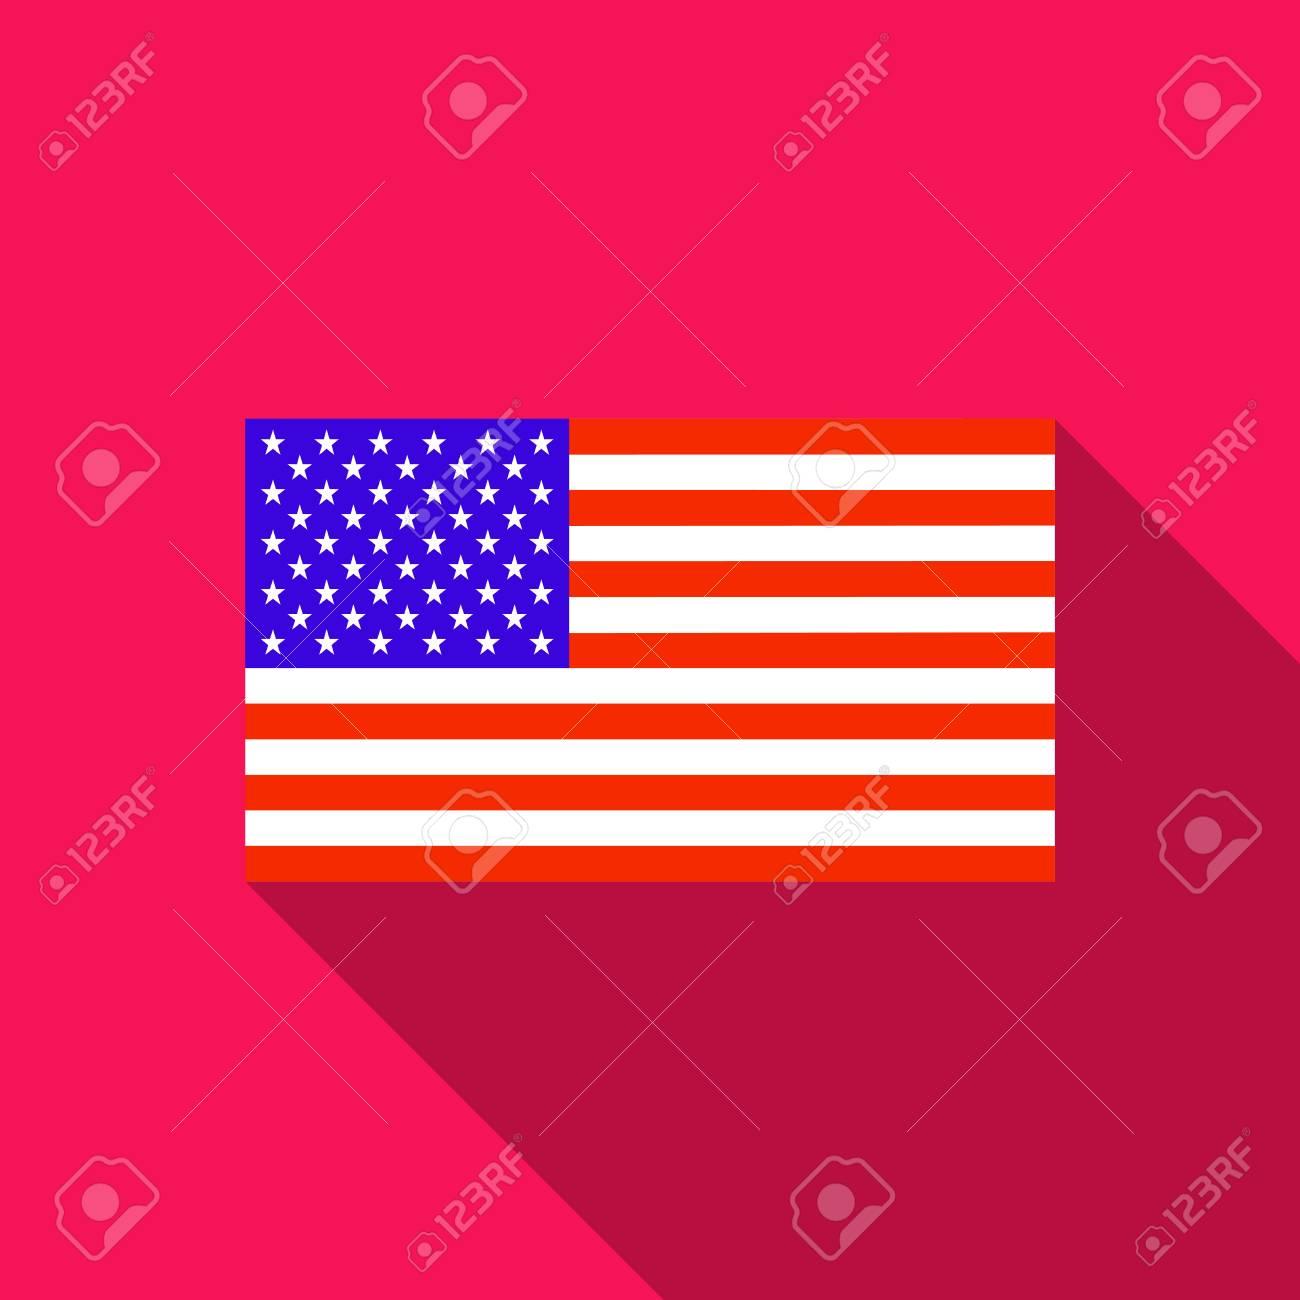 les Etats unis drapeau